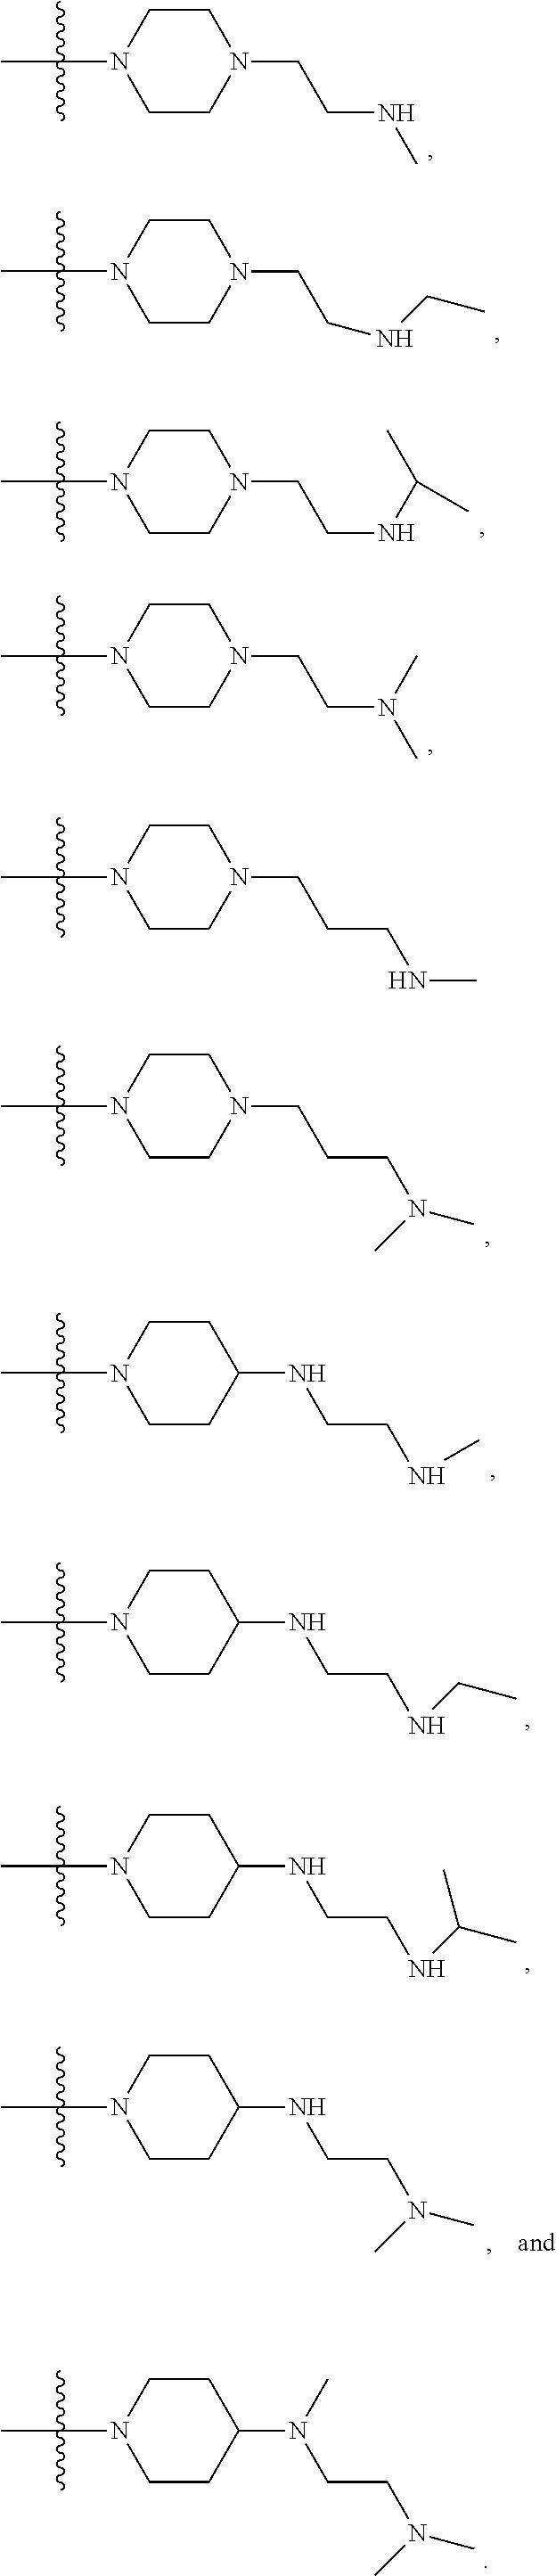 Figure US09278987-20160308-C00129